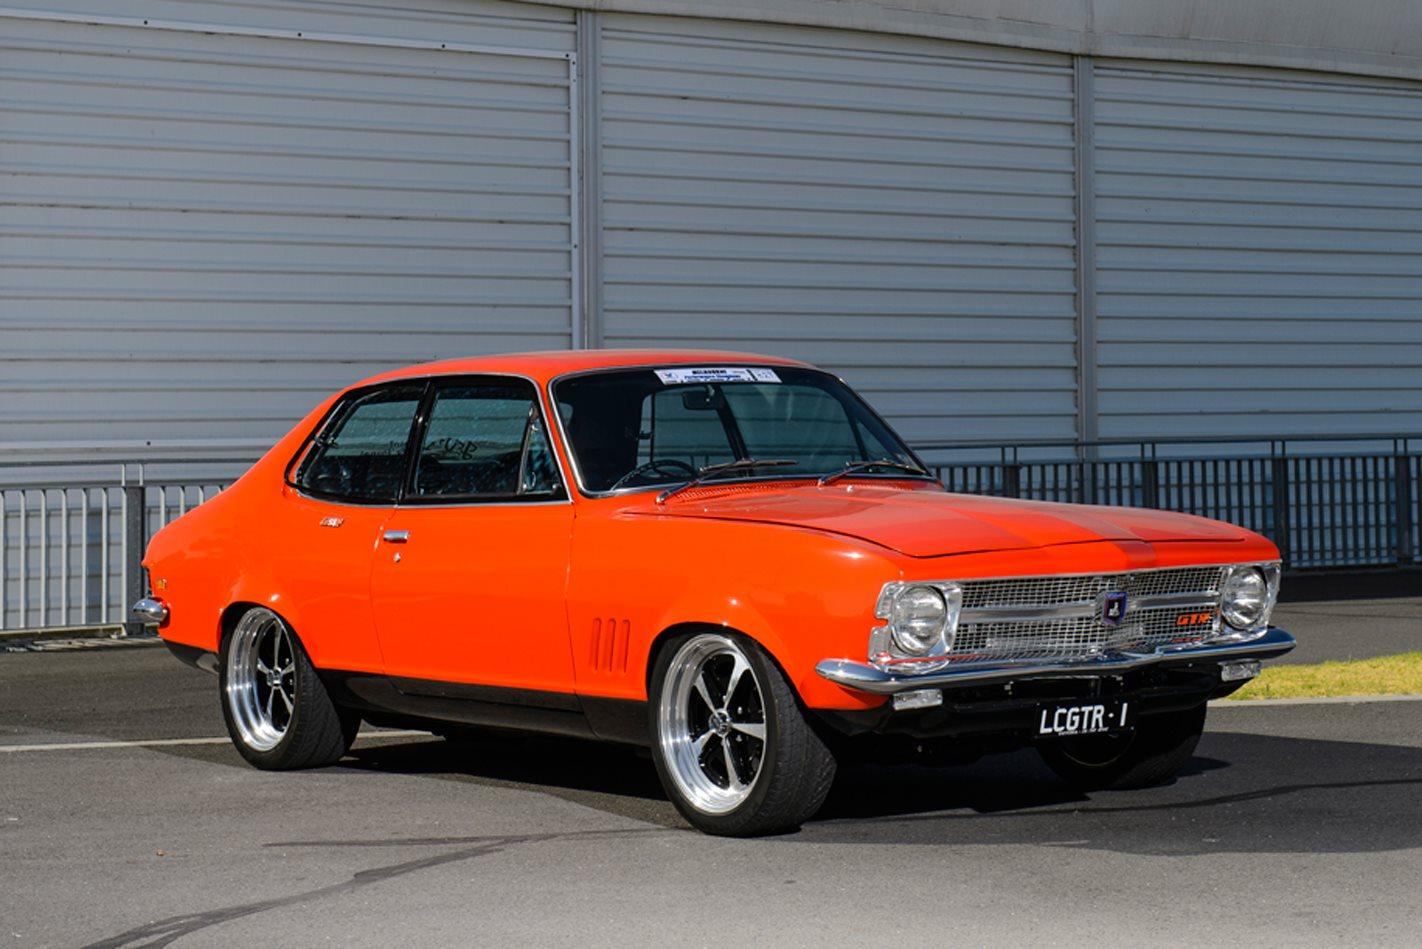 Holden Torana Race Car For Sale